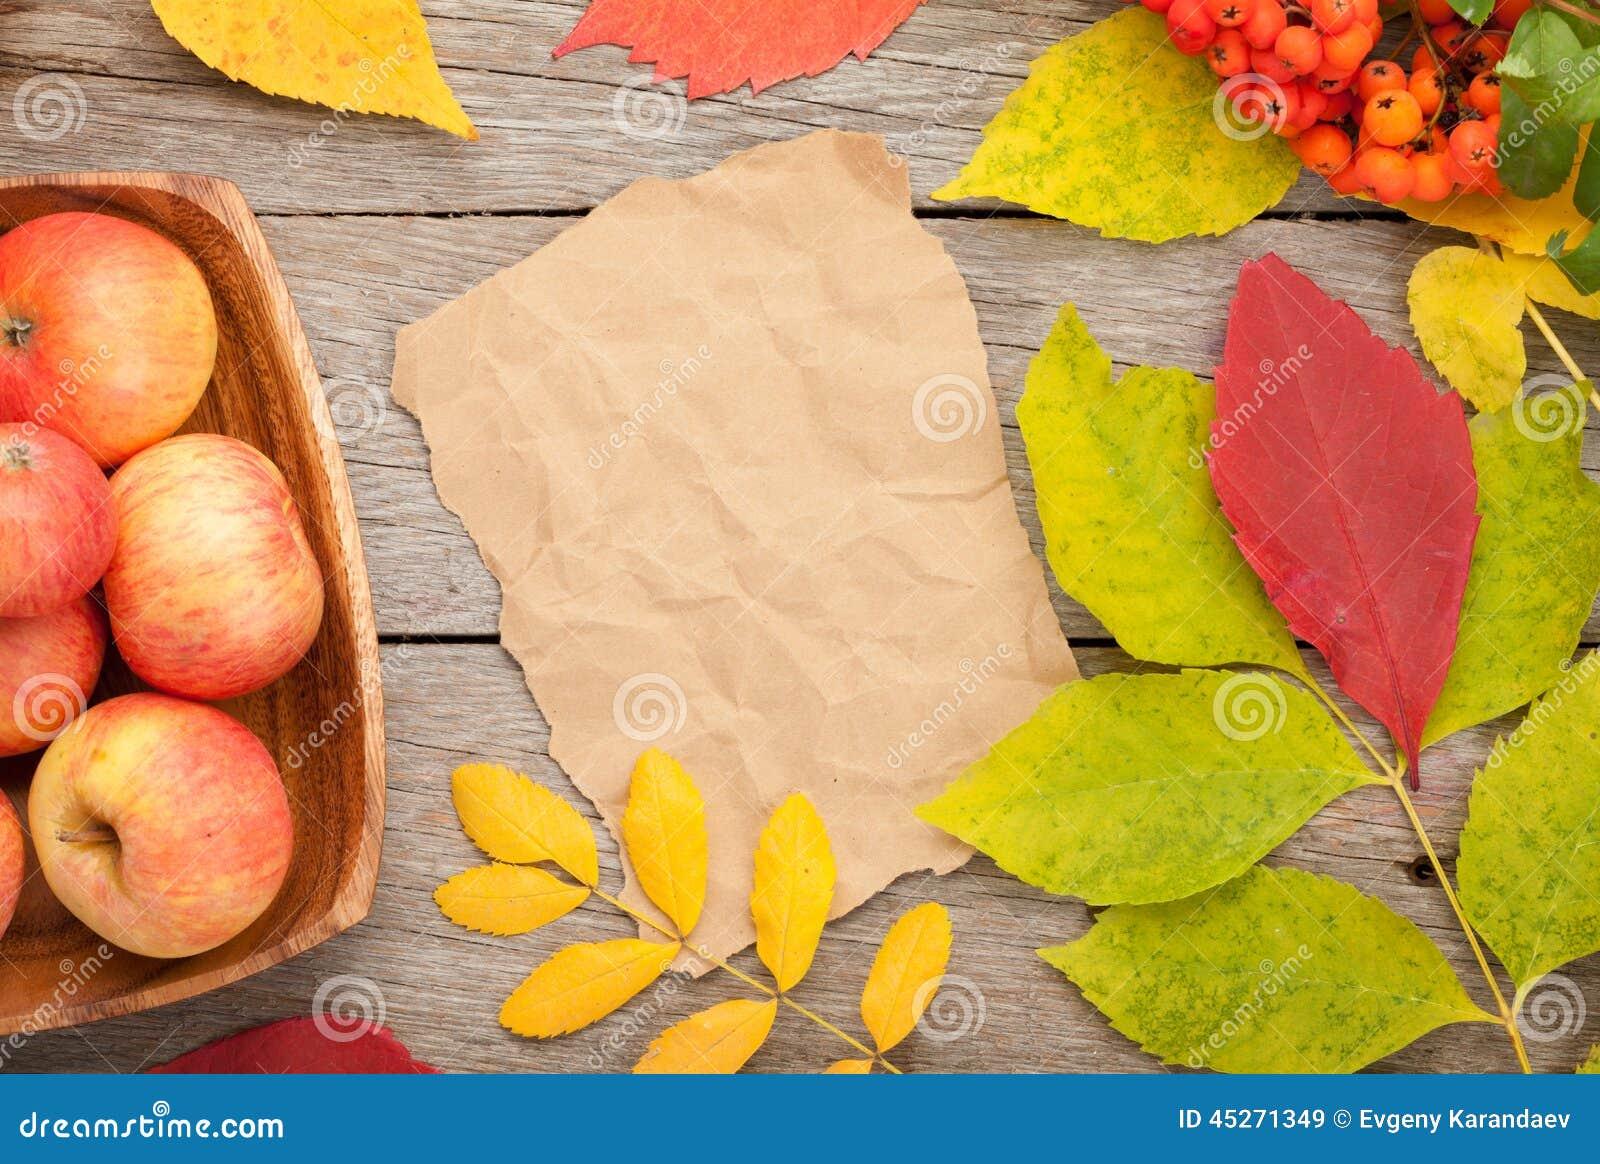 Höstsidor, rönnbär och äpplen över wood bakgrund